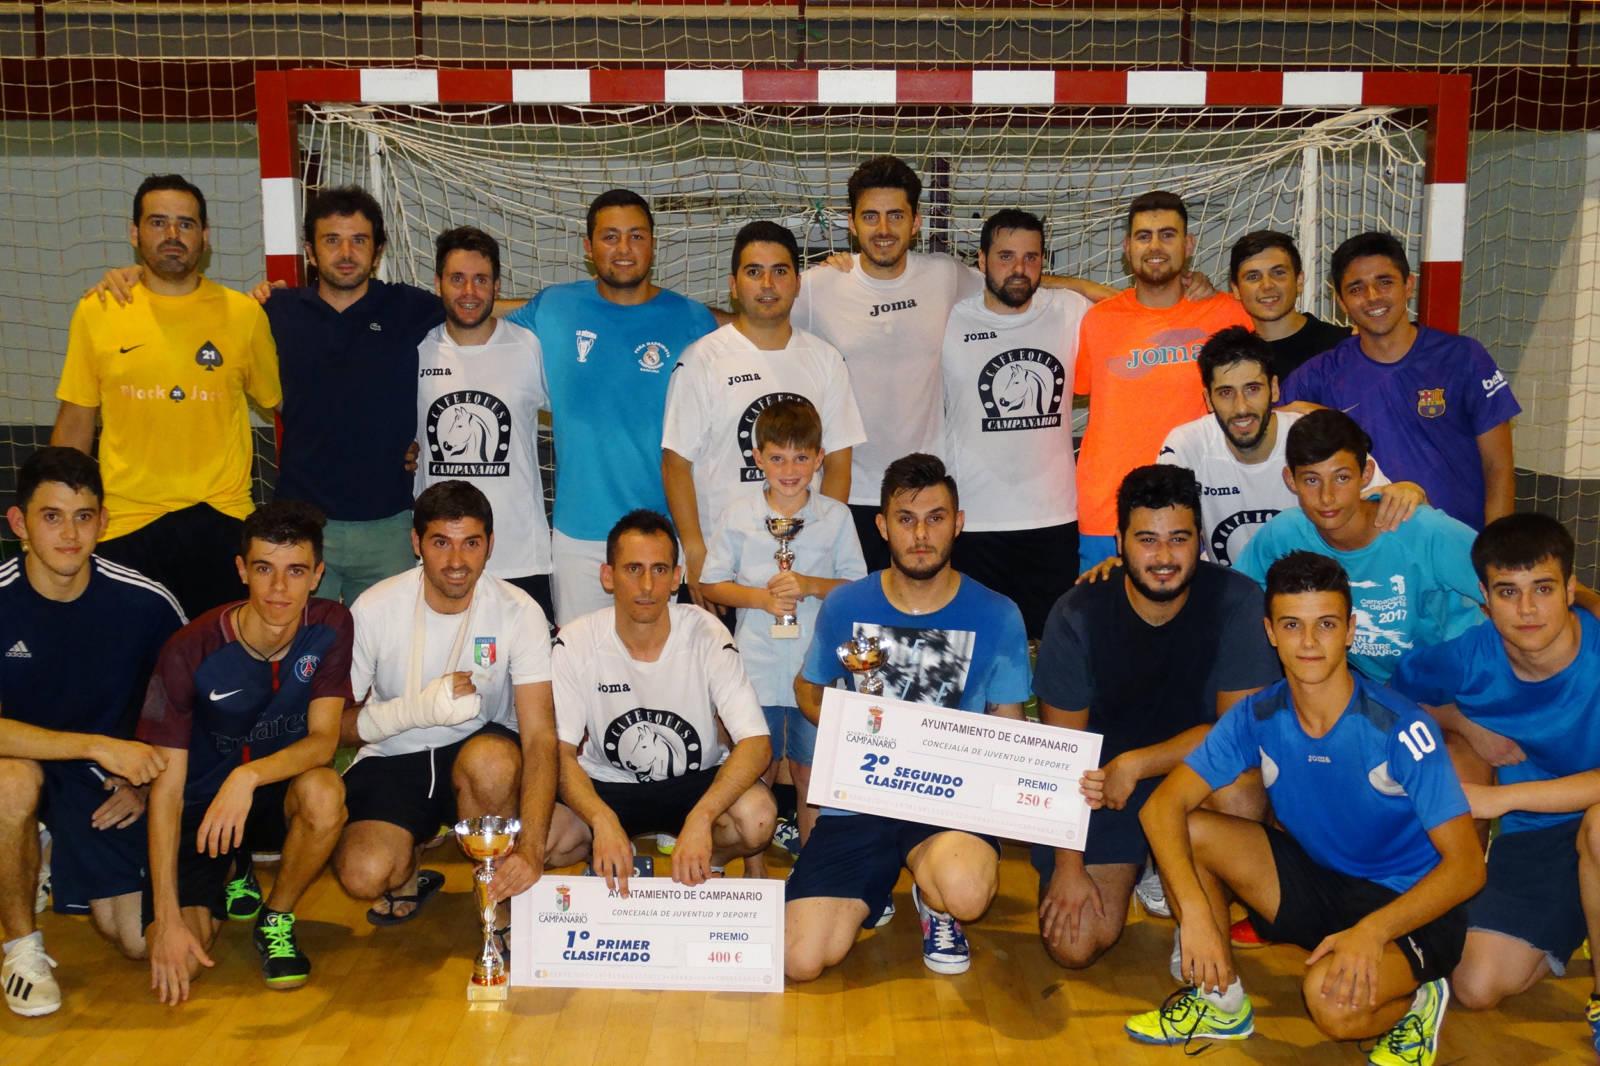 El 'Café Equus' gana la Liga de Fútbol Sala de verano por 2-0